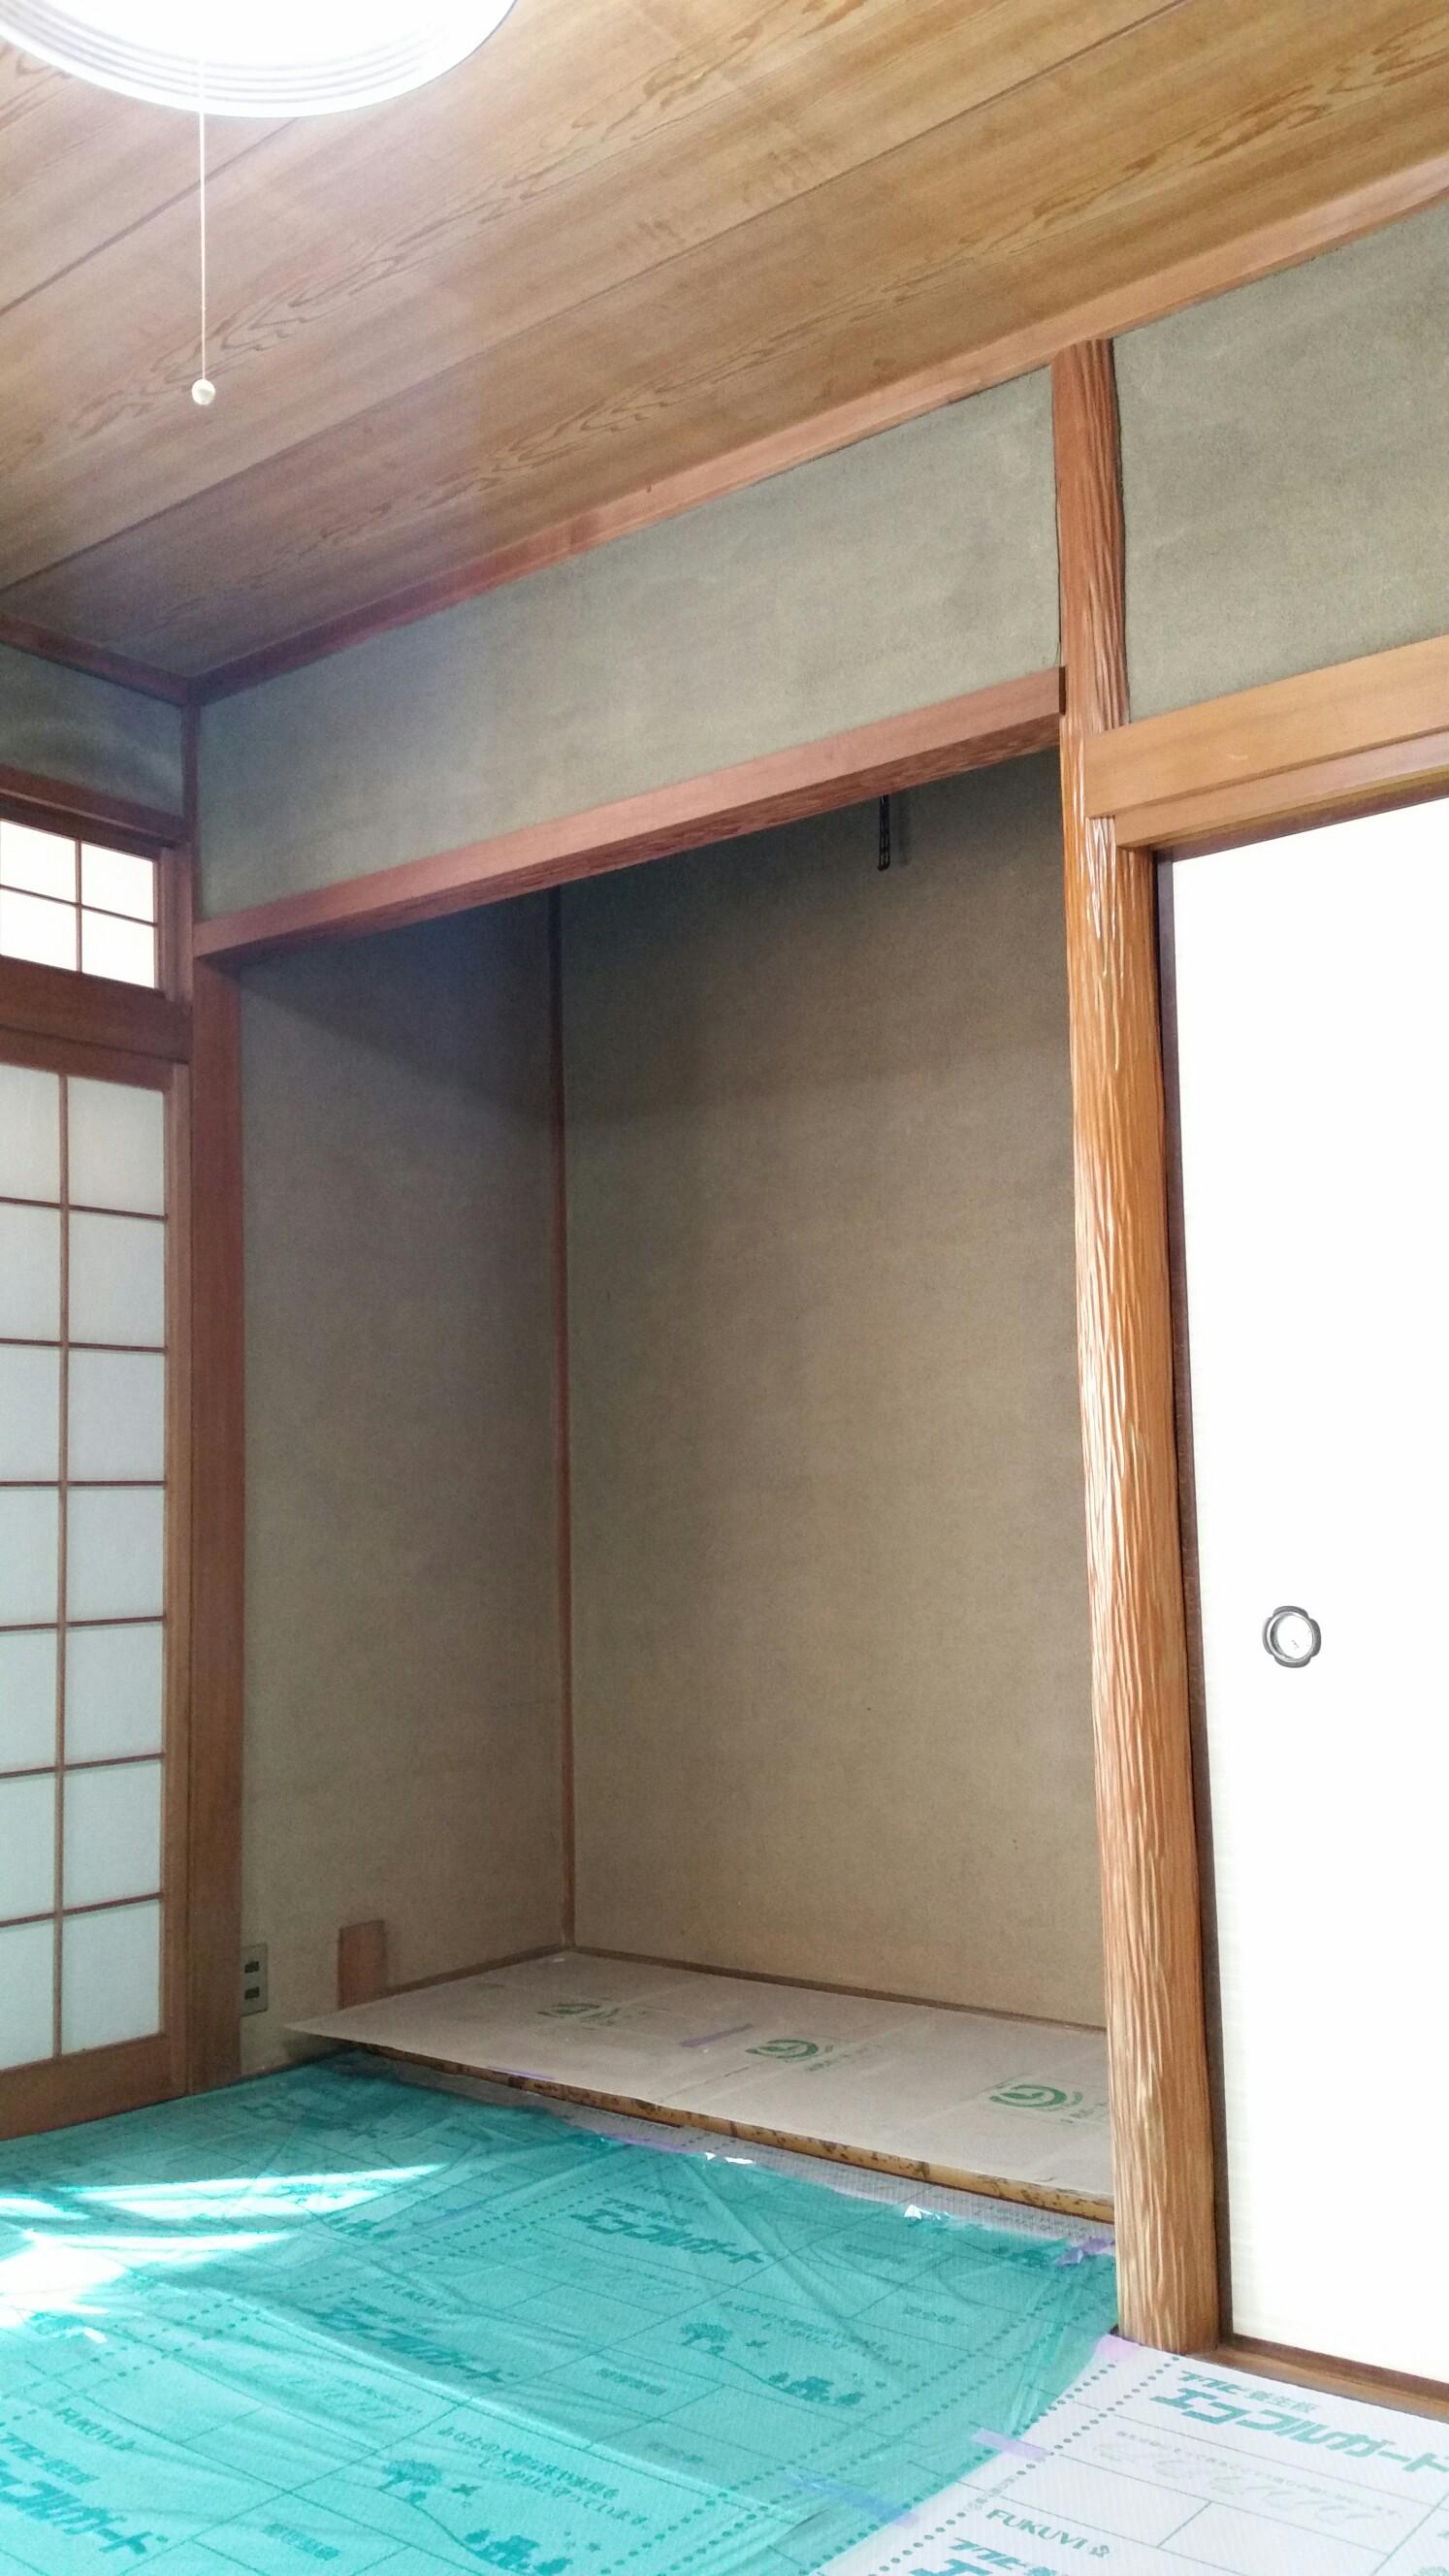 岡山の壁紙張替え職人 インテリアすずま 和室クロス張り